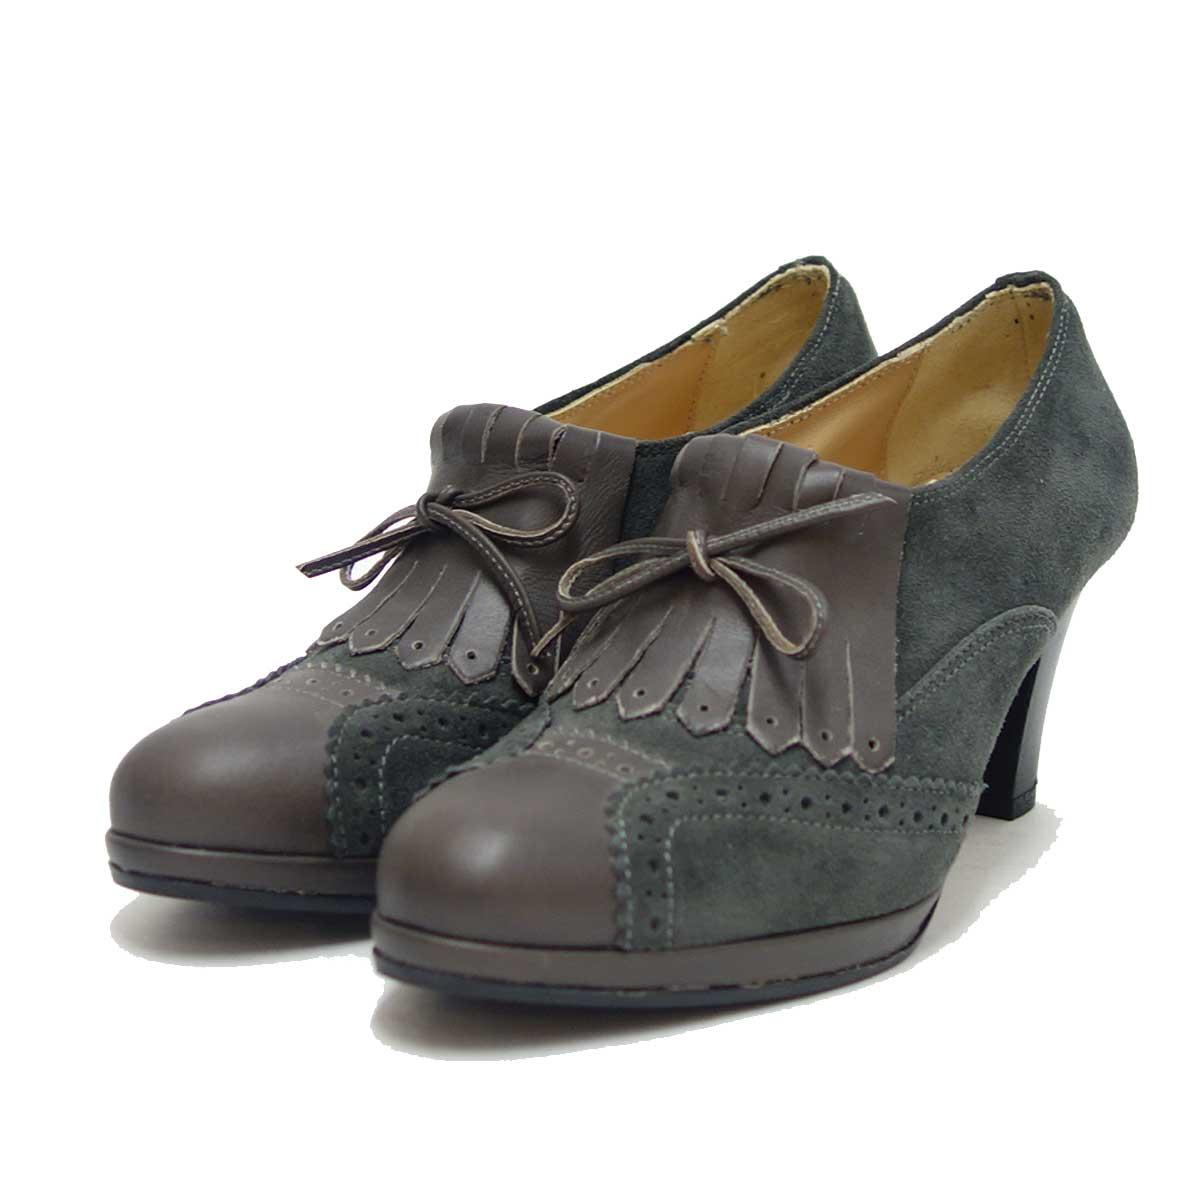 MissClair ミスクレア 7185 グレースエード(イタリア製) スムーズに足に馴染むドレスコンフォートシューズ「靴」